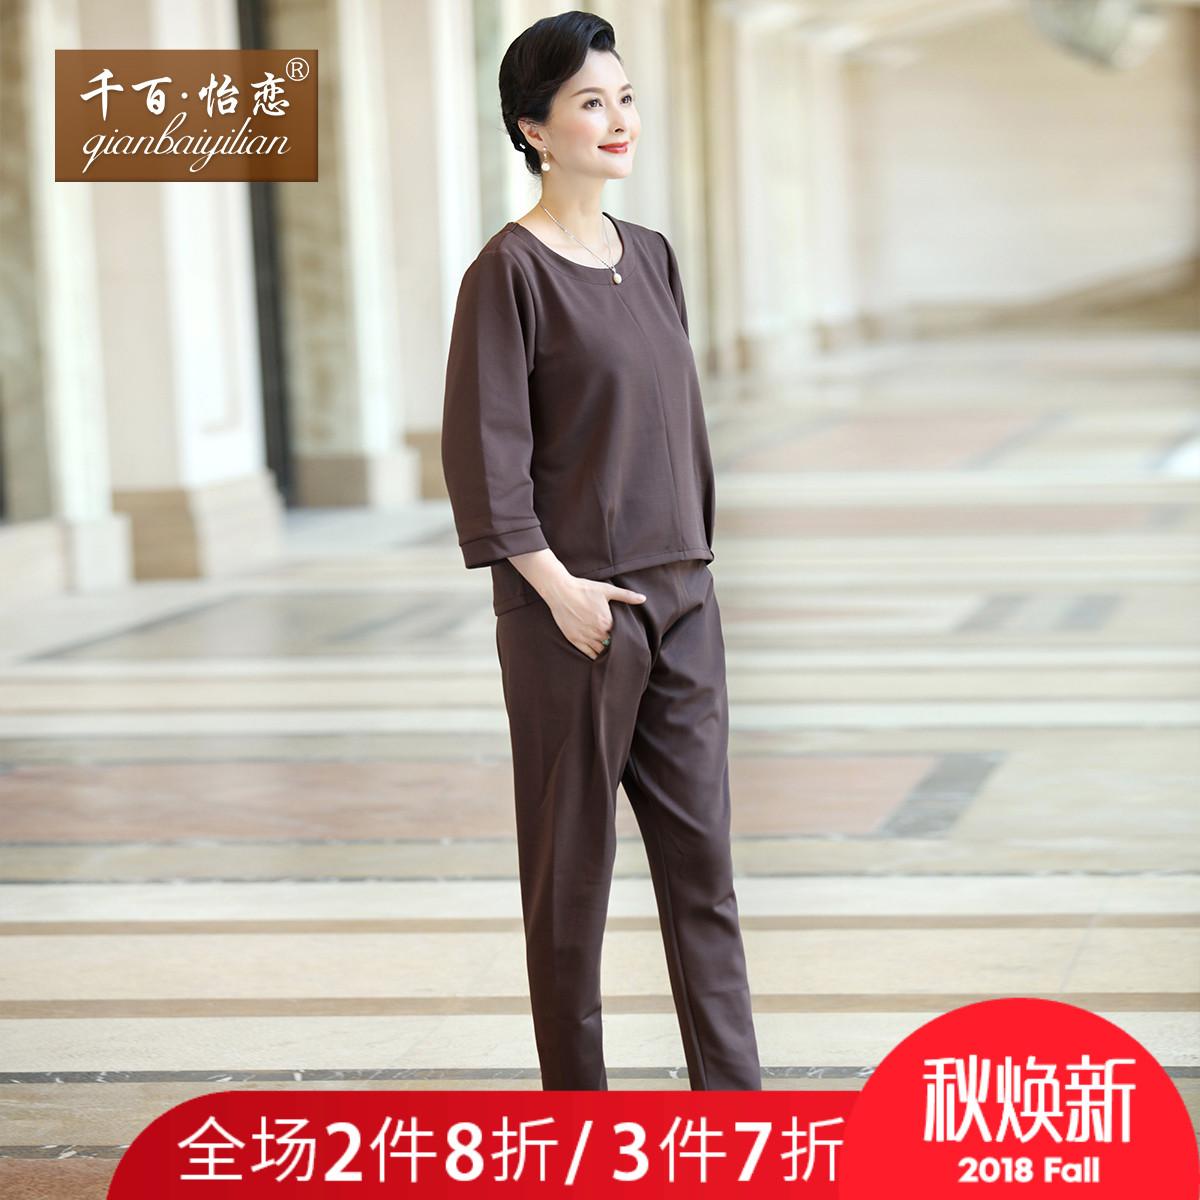 千百怡恋妈妈秋装休闲套装40-50岁中年女装大码长袖T恤时尚两件套